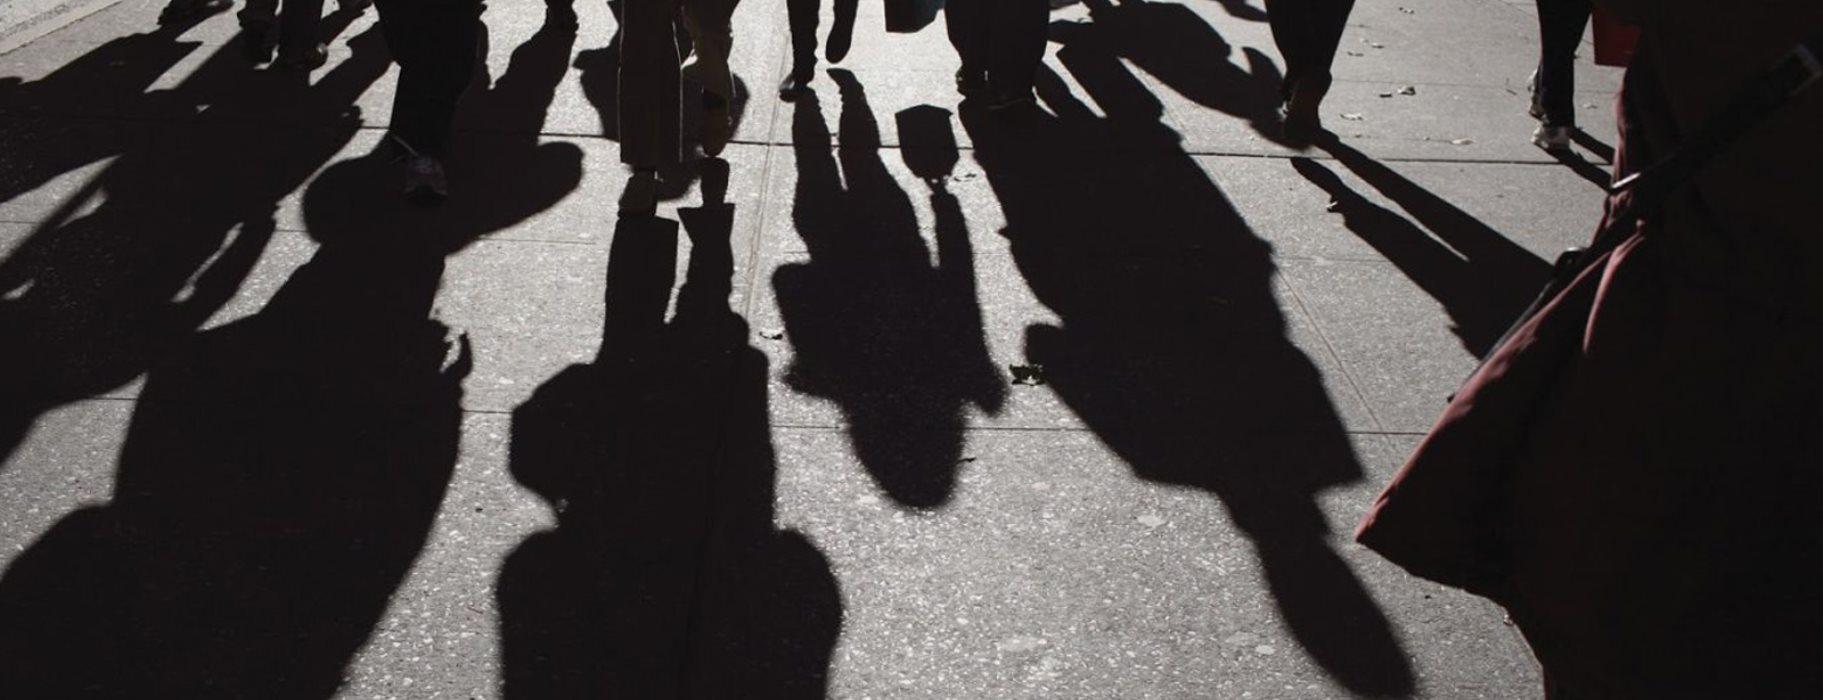 Grčka: 250 000 radnih mesta u riziku